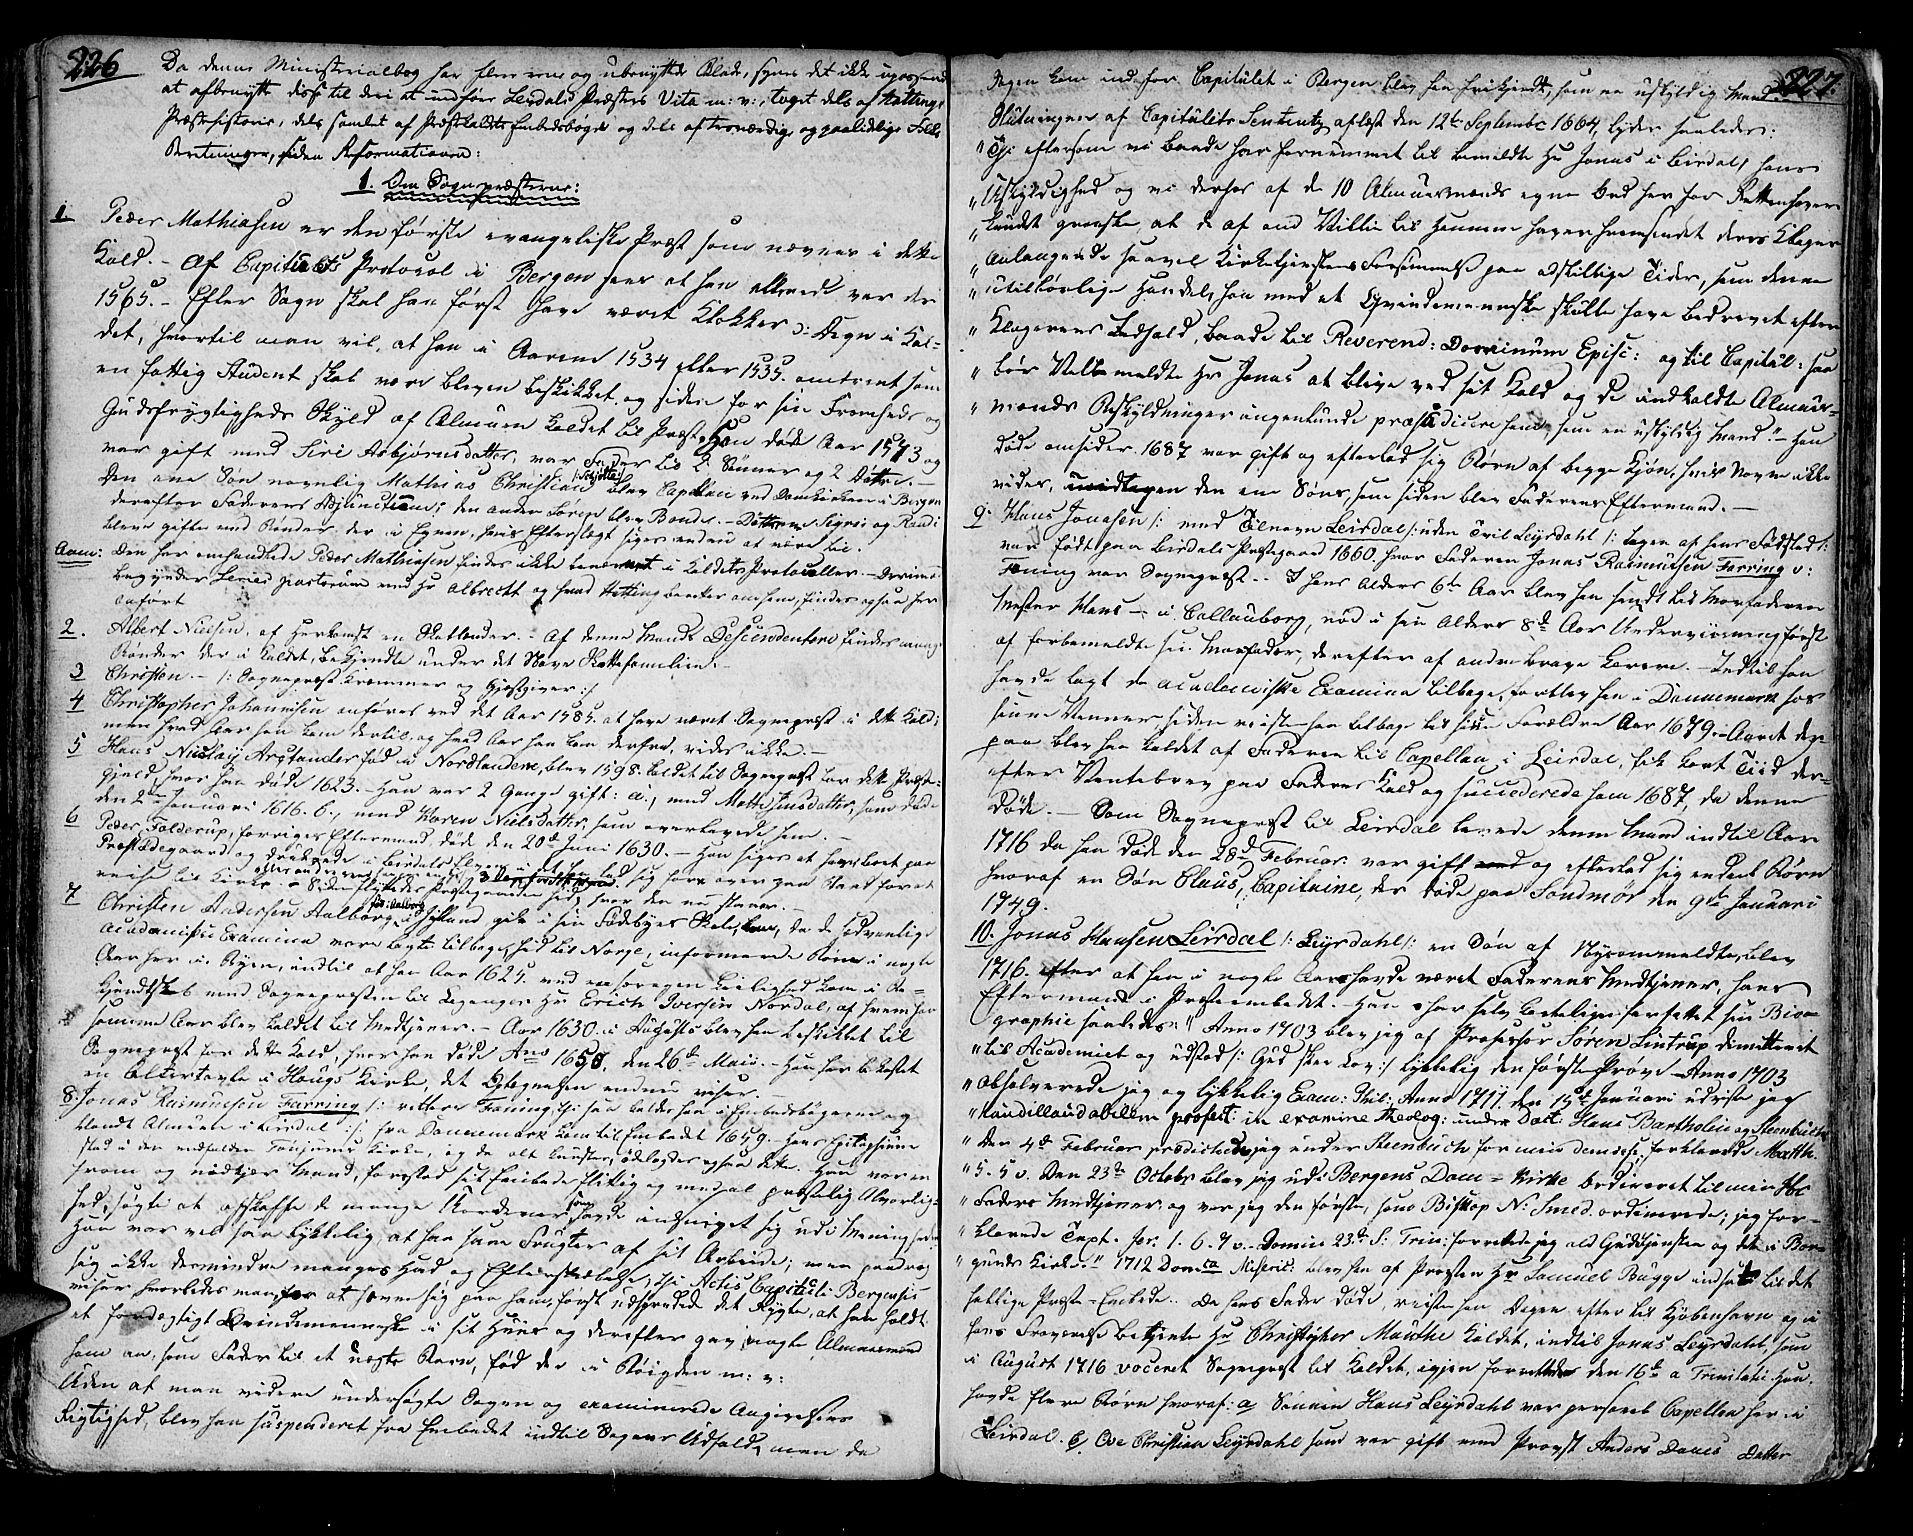 SAB, Lærdal sokneprestembete, Ministerialbok nr. A 4, 1805-1821, s. 226-227